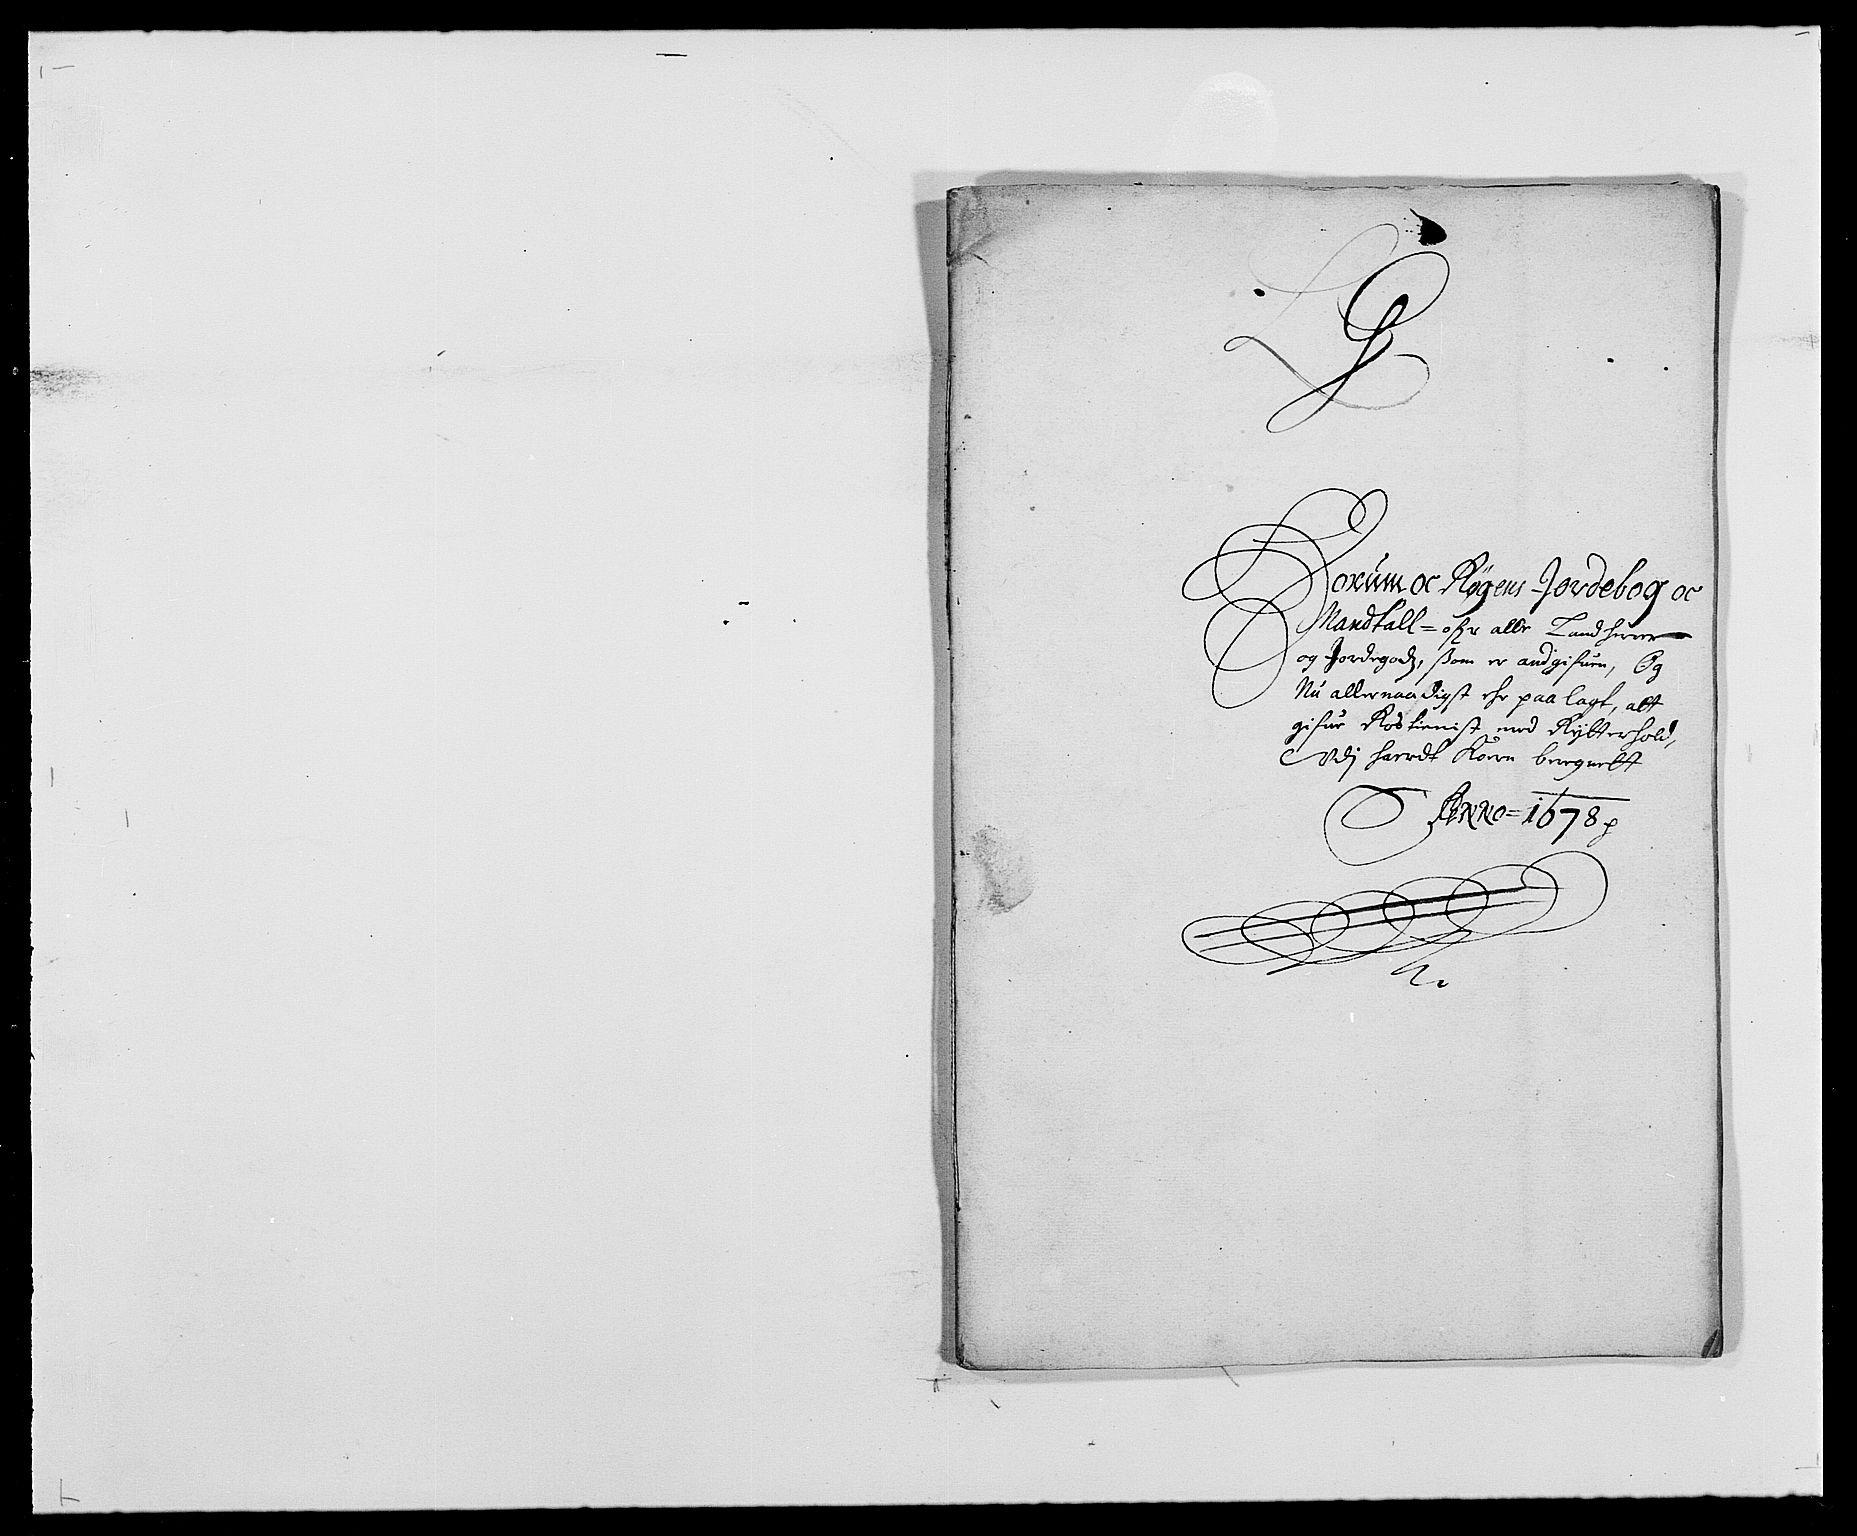 RA, Rentekammeret inntil 1814, Reviderte regnskaper, Fogderegnskap, R29/L1691: Fogderegnskap Hurum og Røyken, 1678-1681, s. 86